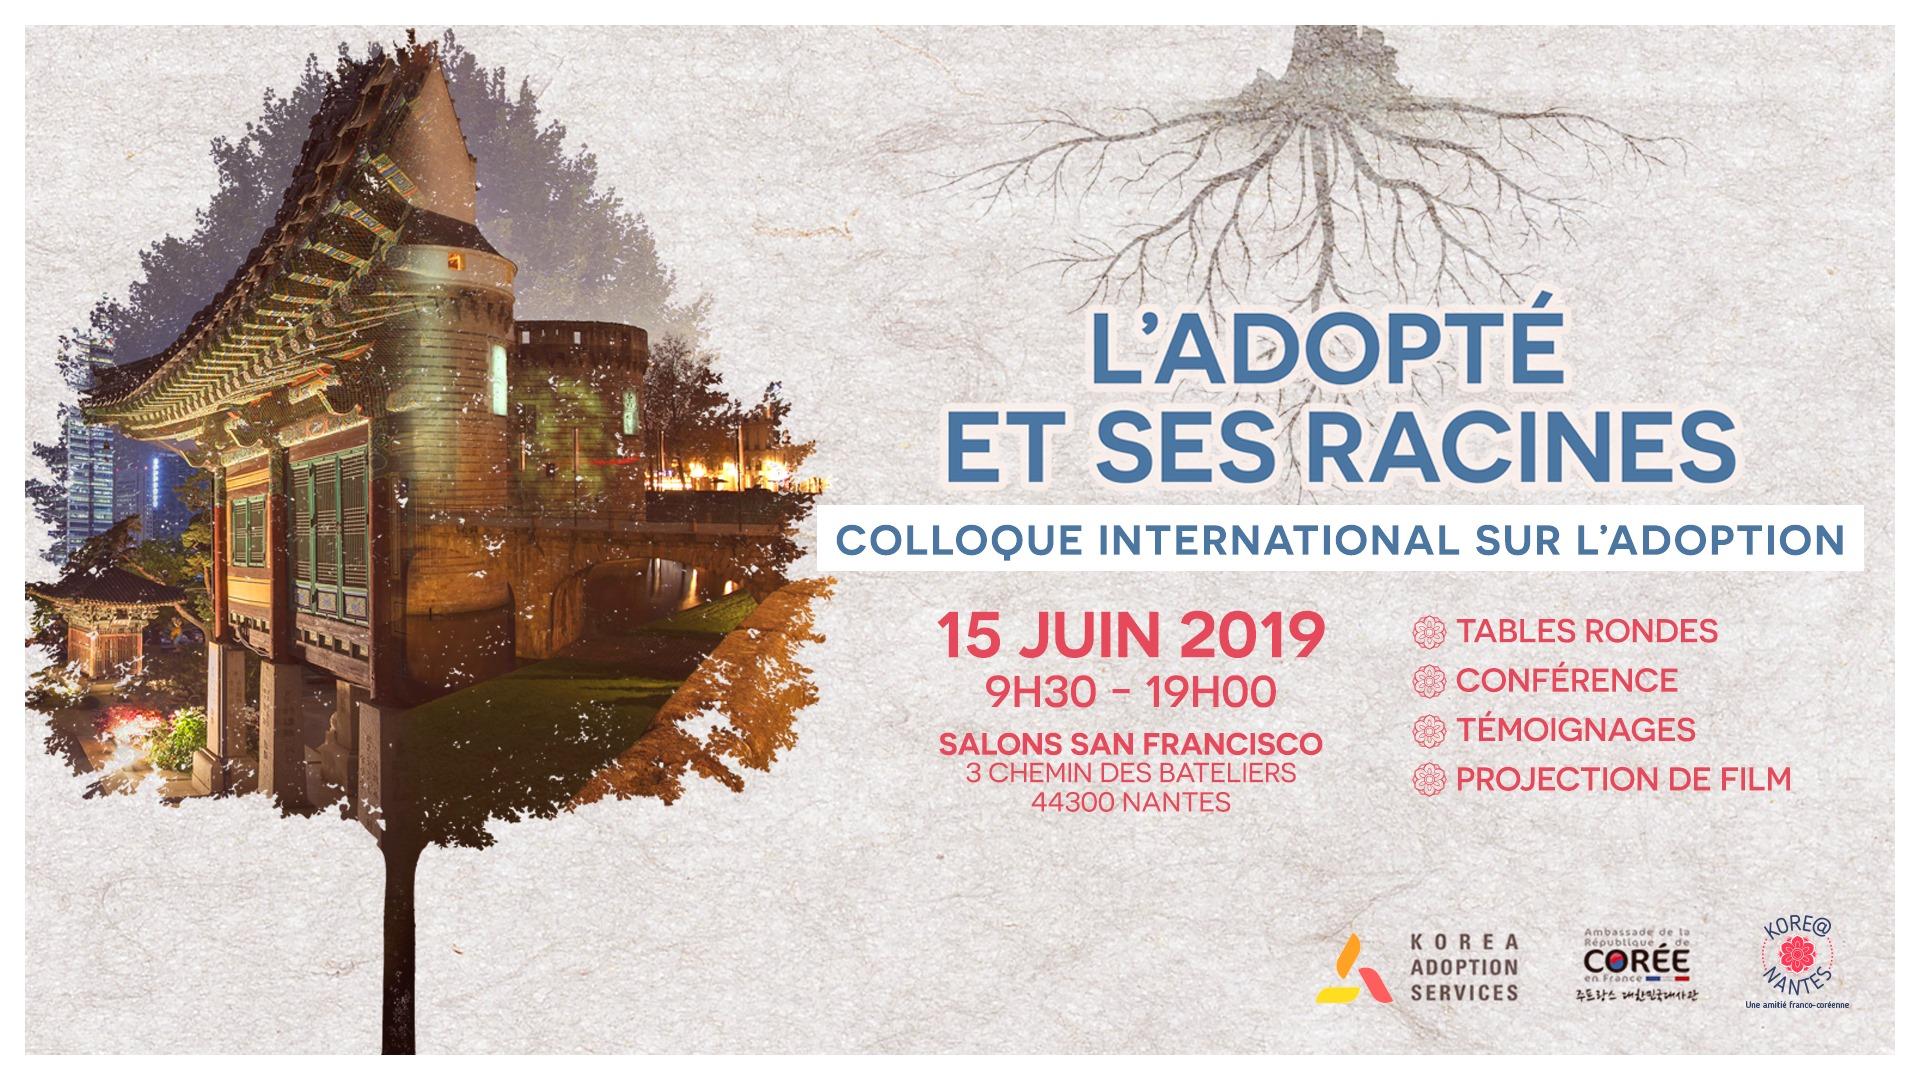 L Adopte Et Ses Racines Colloque International Sur L